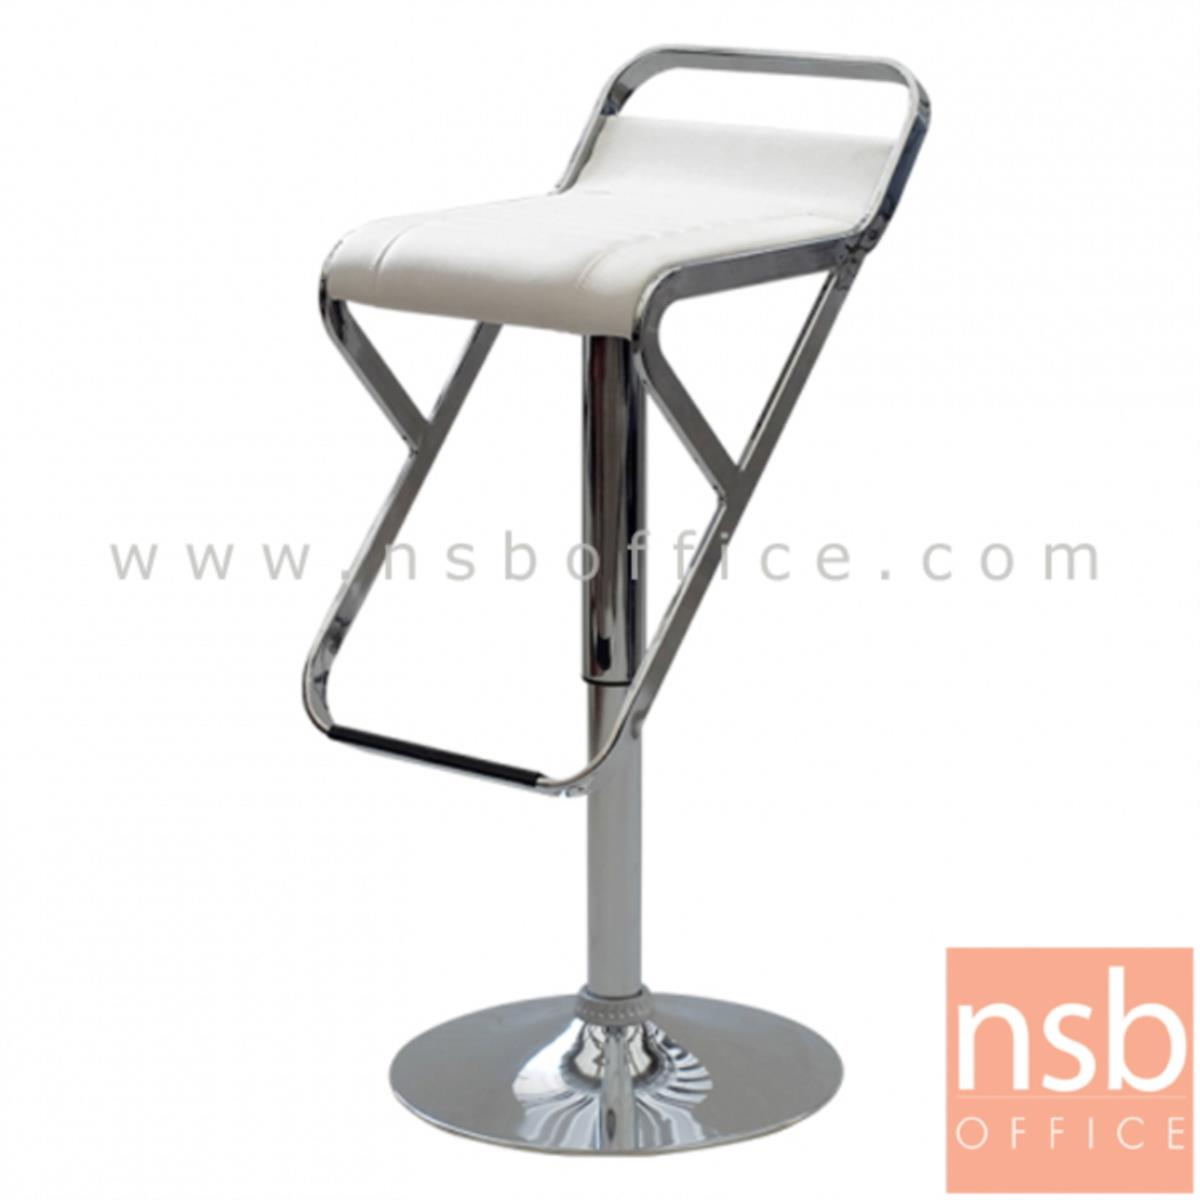 เก้าอี้บาร์สูงหนังเทียม รุ่น Janith (เจนิธ) ขนาด 35.8W cm. ขาโครเมี่ยมฐานจานกลม